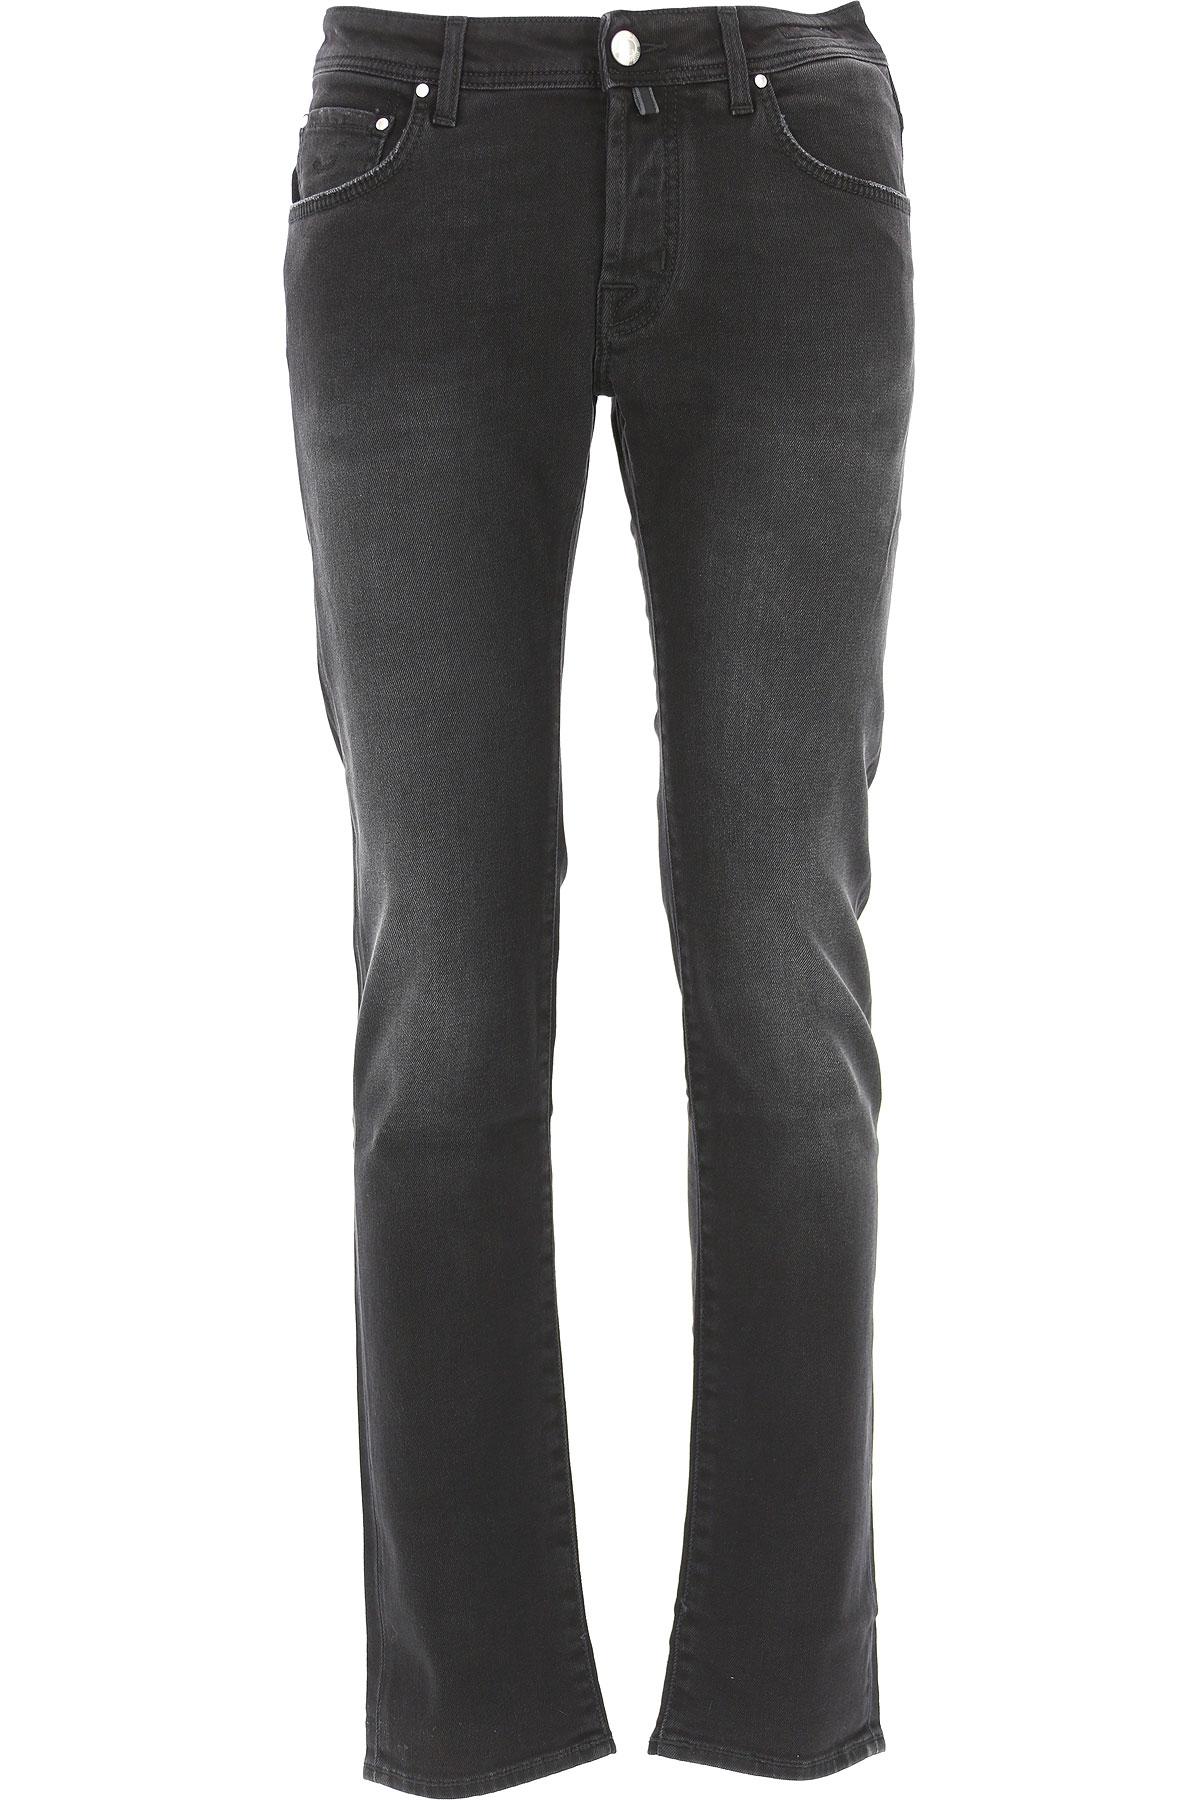 Image of Jacob Cohen Jeans, Black, Cotton, 2017, US 30 - EU 46 US 31 - EU 47 US 32 - EU 48 US 33 - EU 49 US 34 - EU 50 US 36 - EU 52 US 38 - EU 54